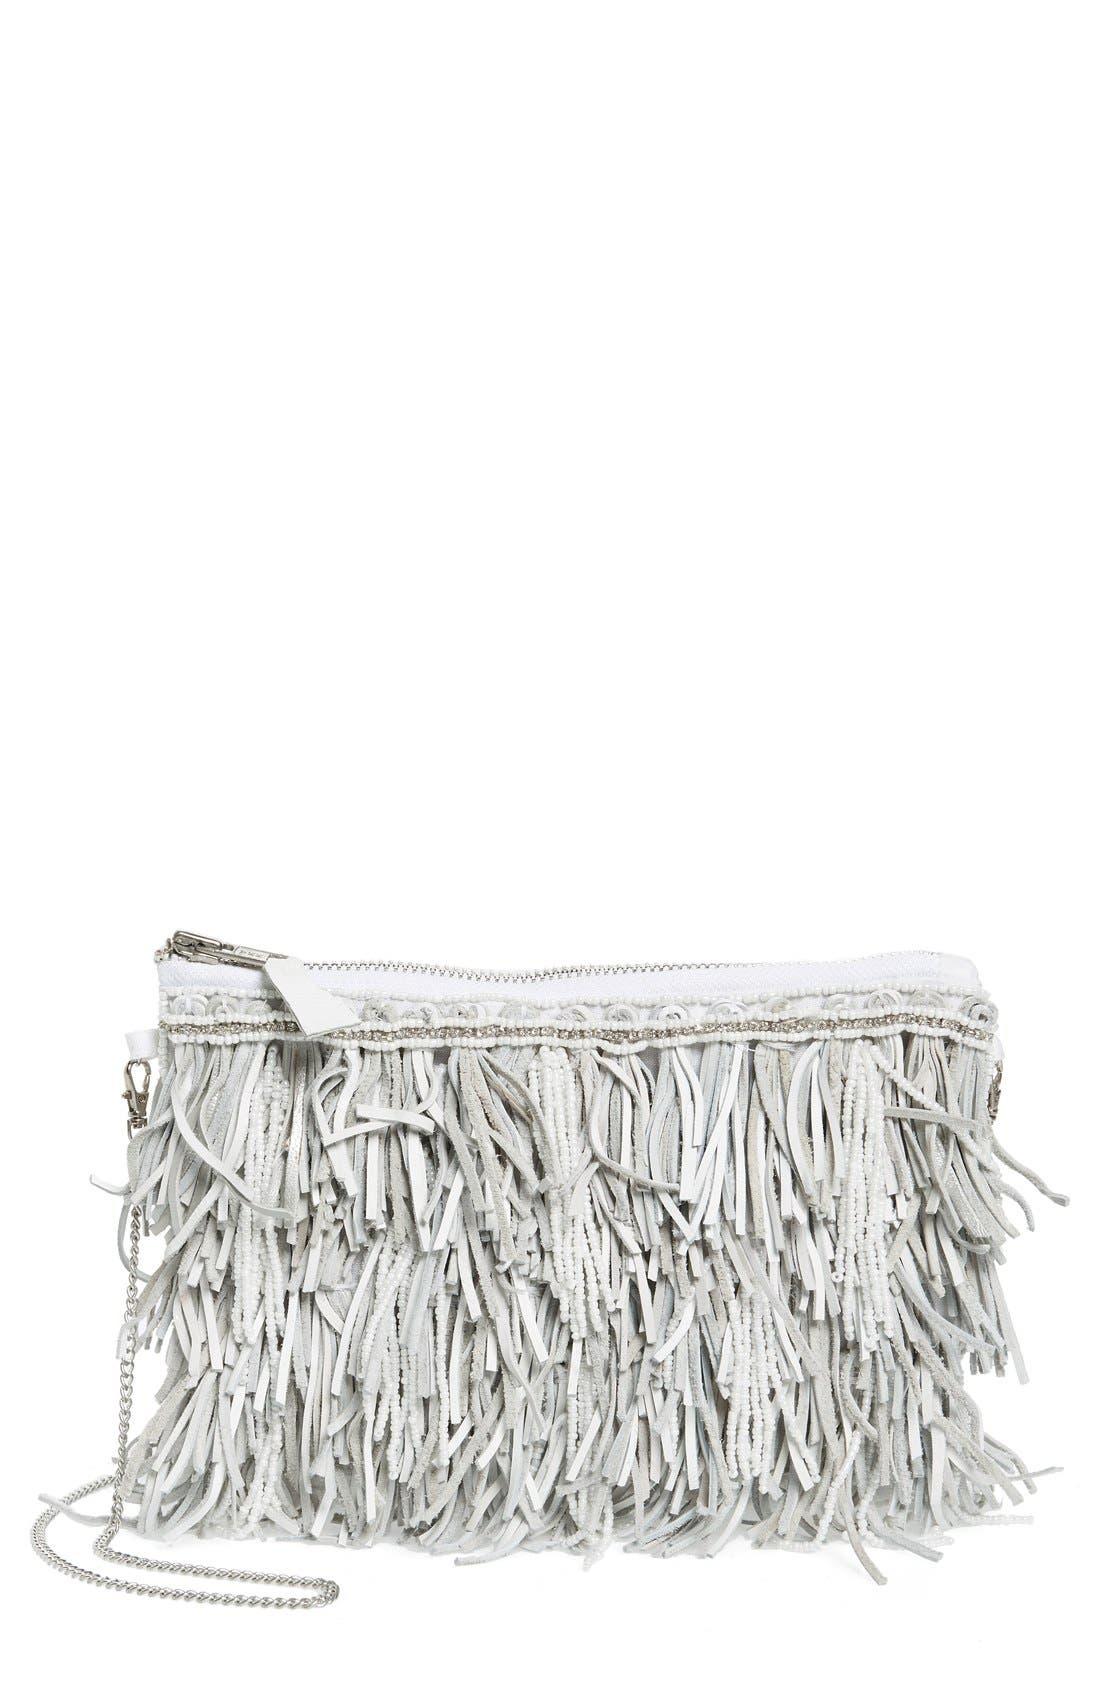 Alternate Image 1 Selected - G-lish Bead & Leather Fringe Crossbody Bag